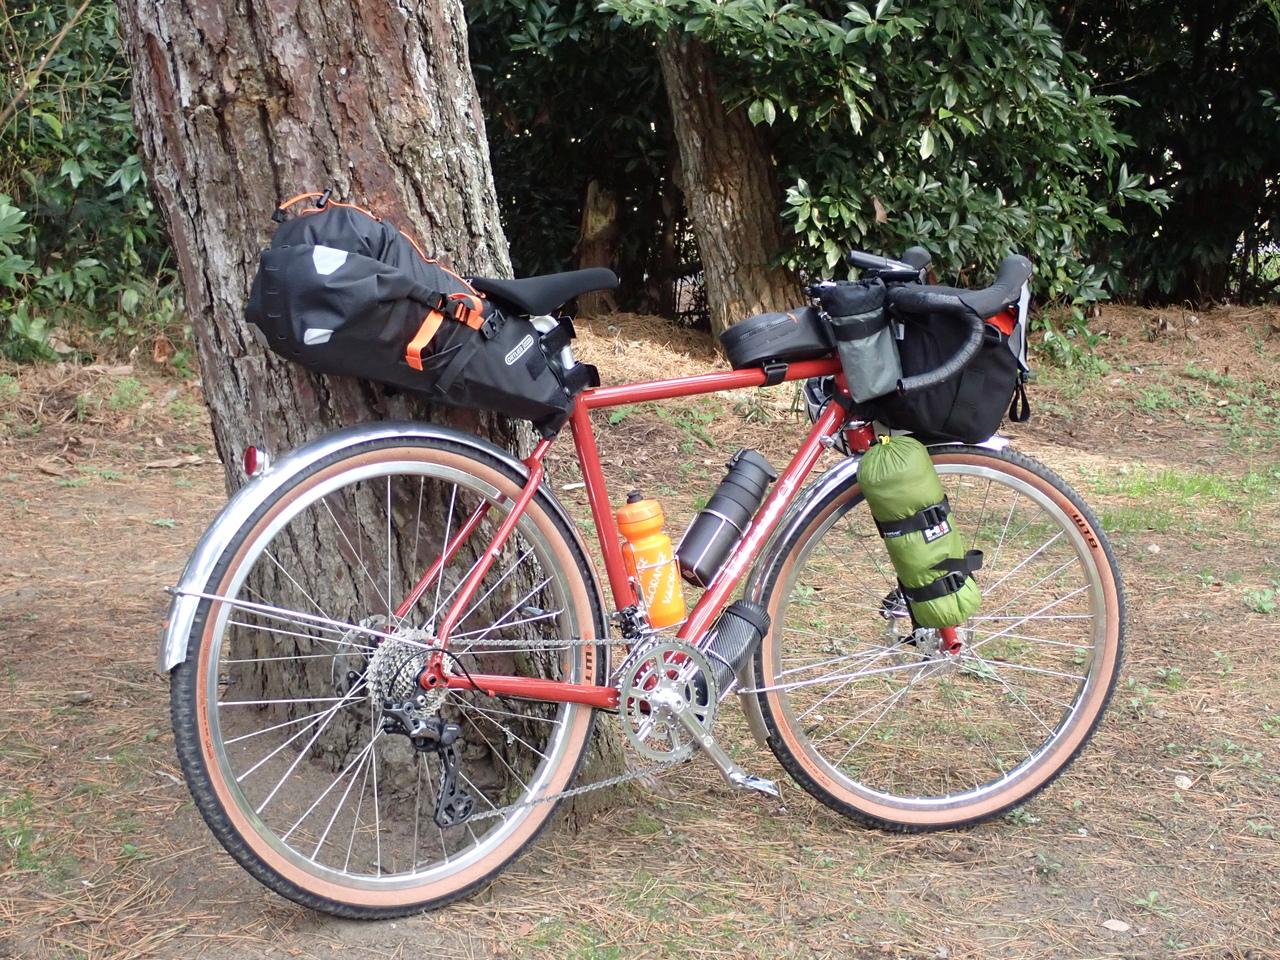 【2021/5/29(土)】自転車とアウトドアを満喫!旅するバイクパッキングの始め方